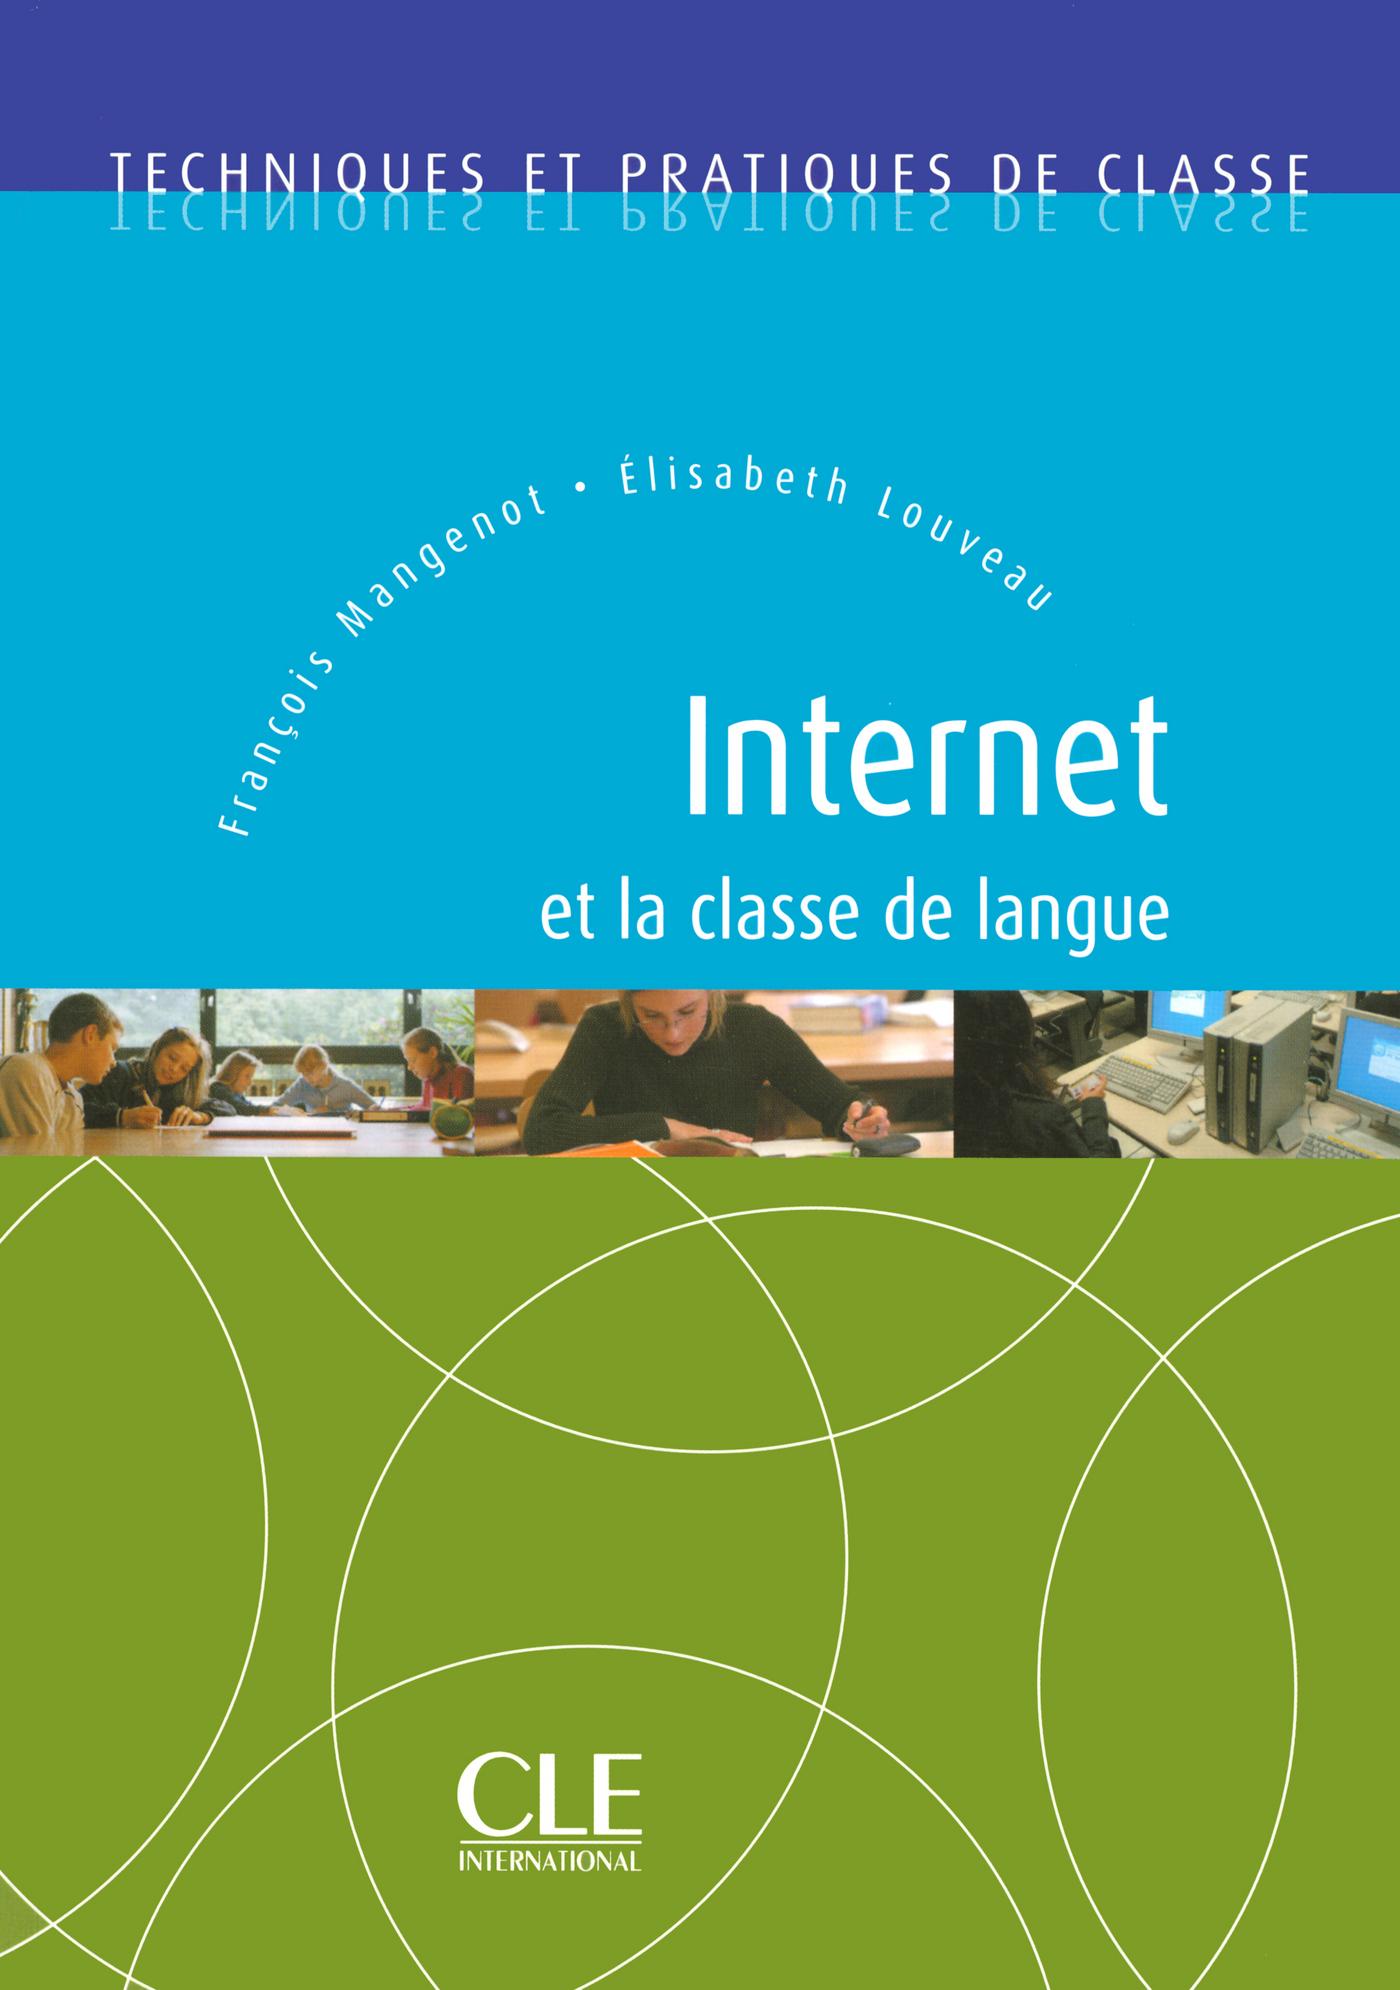 Internet et classe de langue FLE - Techniques et pratiques de classe - Ebook